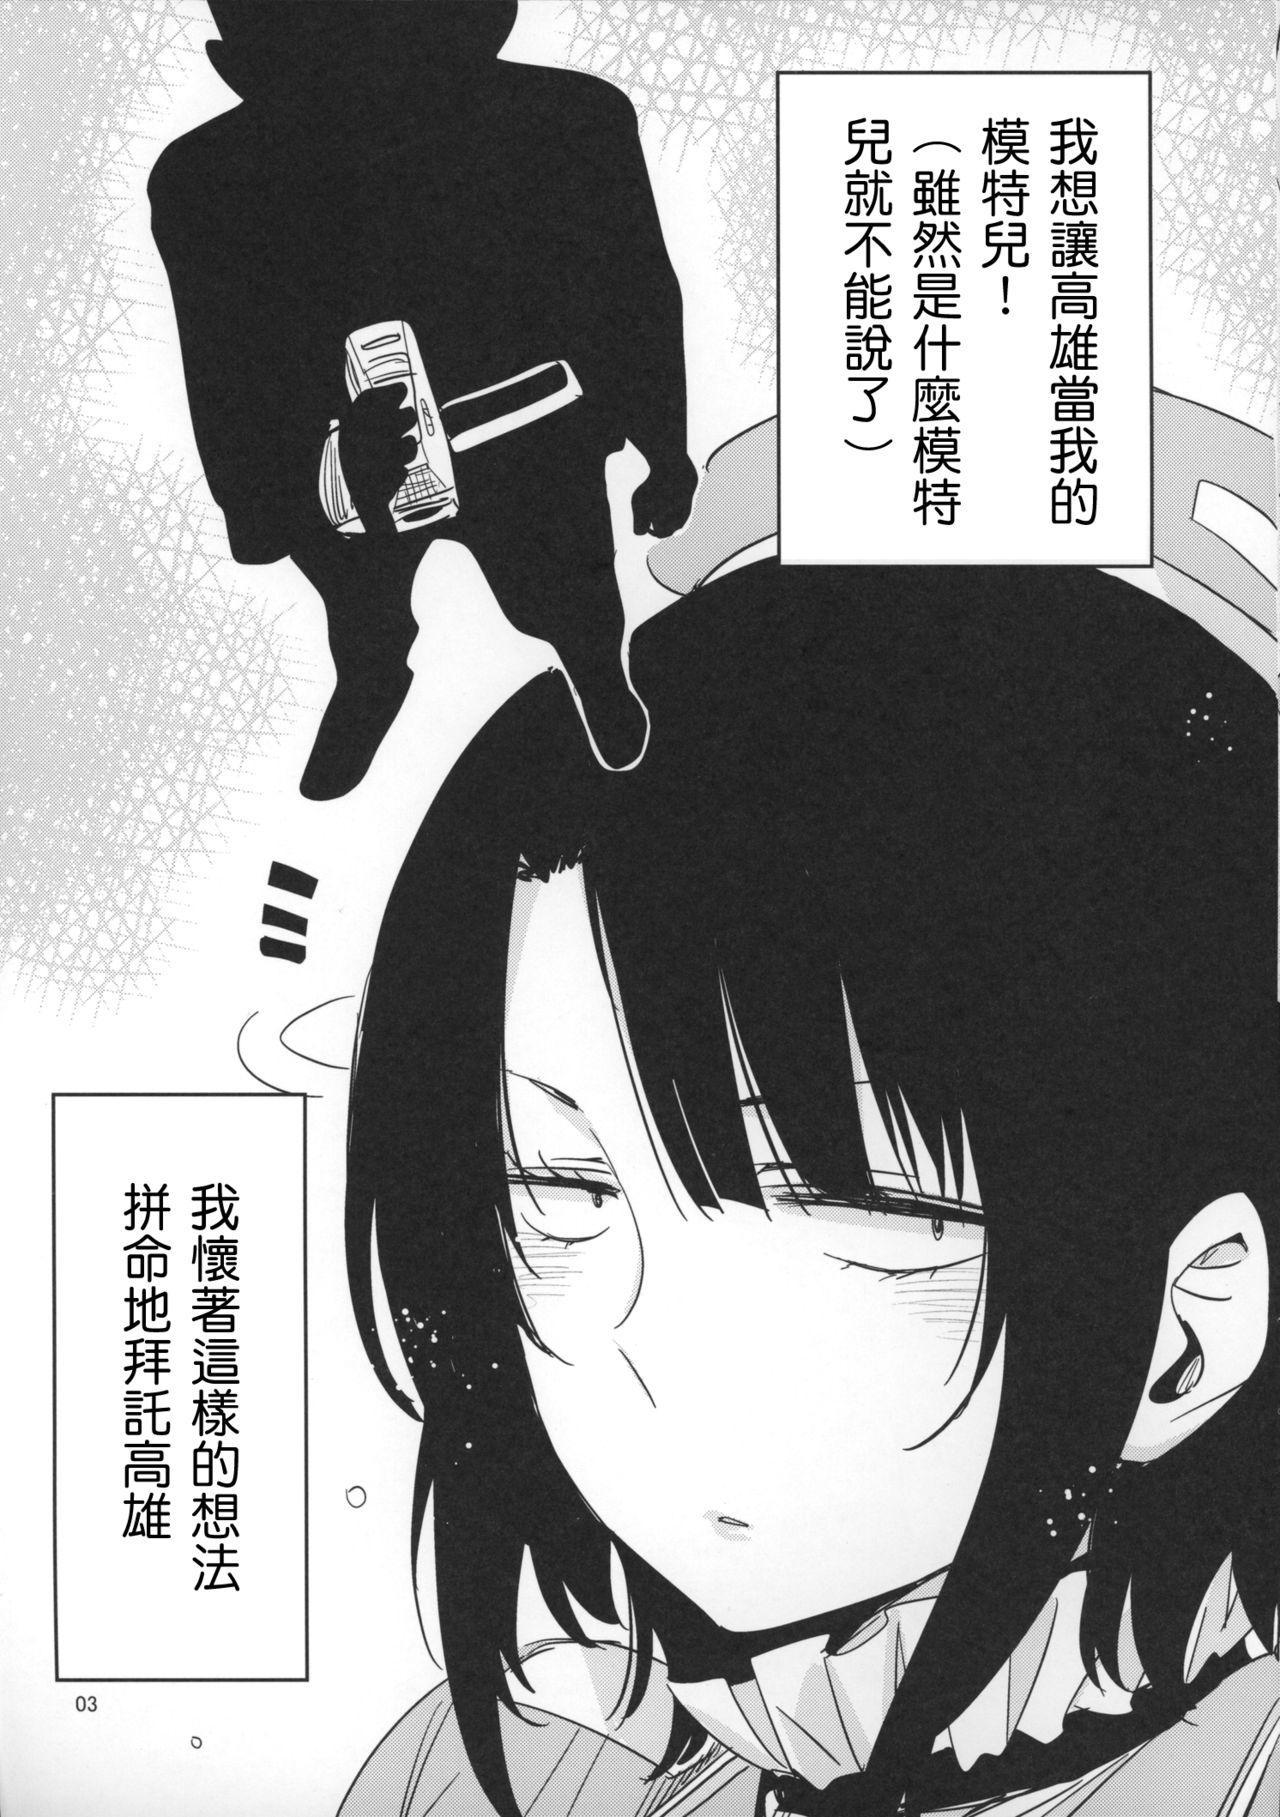 Sanzen Sekai no Karasu o Koroshi Takao ni Model o Tanomitai... 3